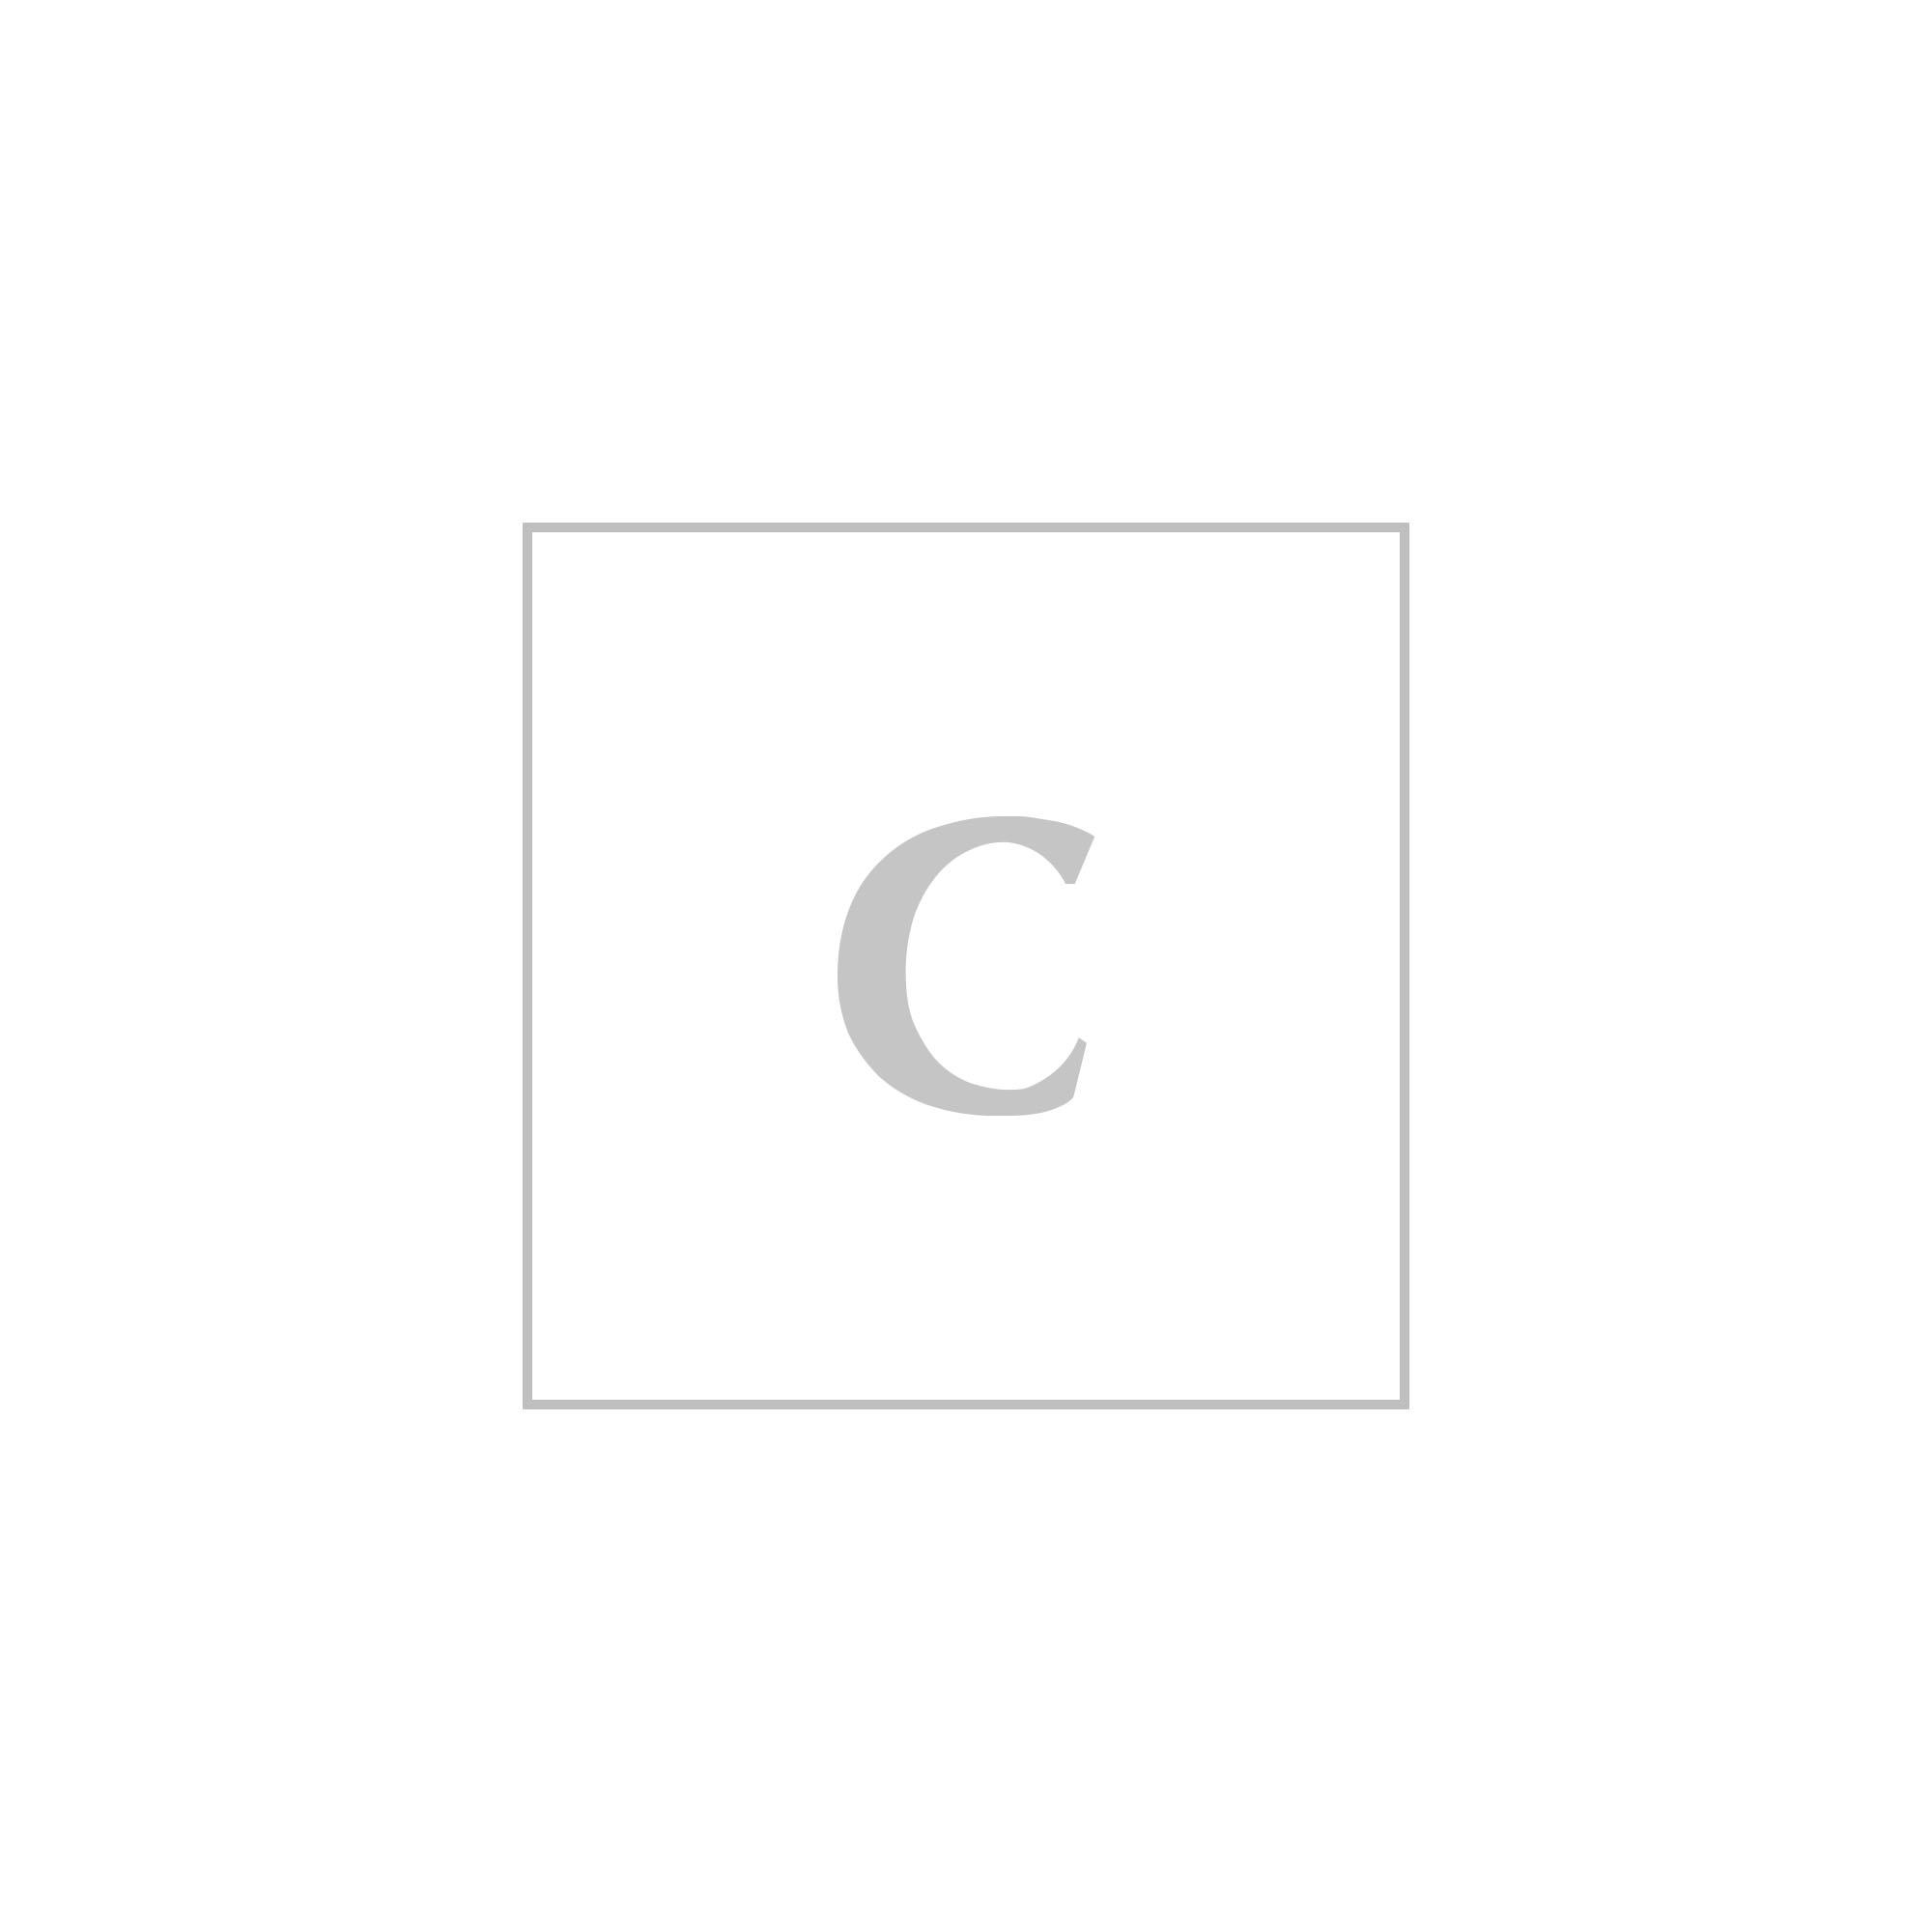 Dolce & gabbana garza di seta 135x200